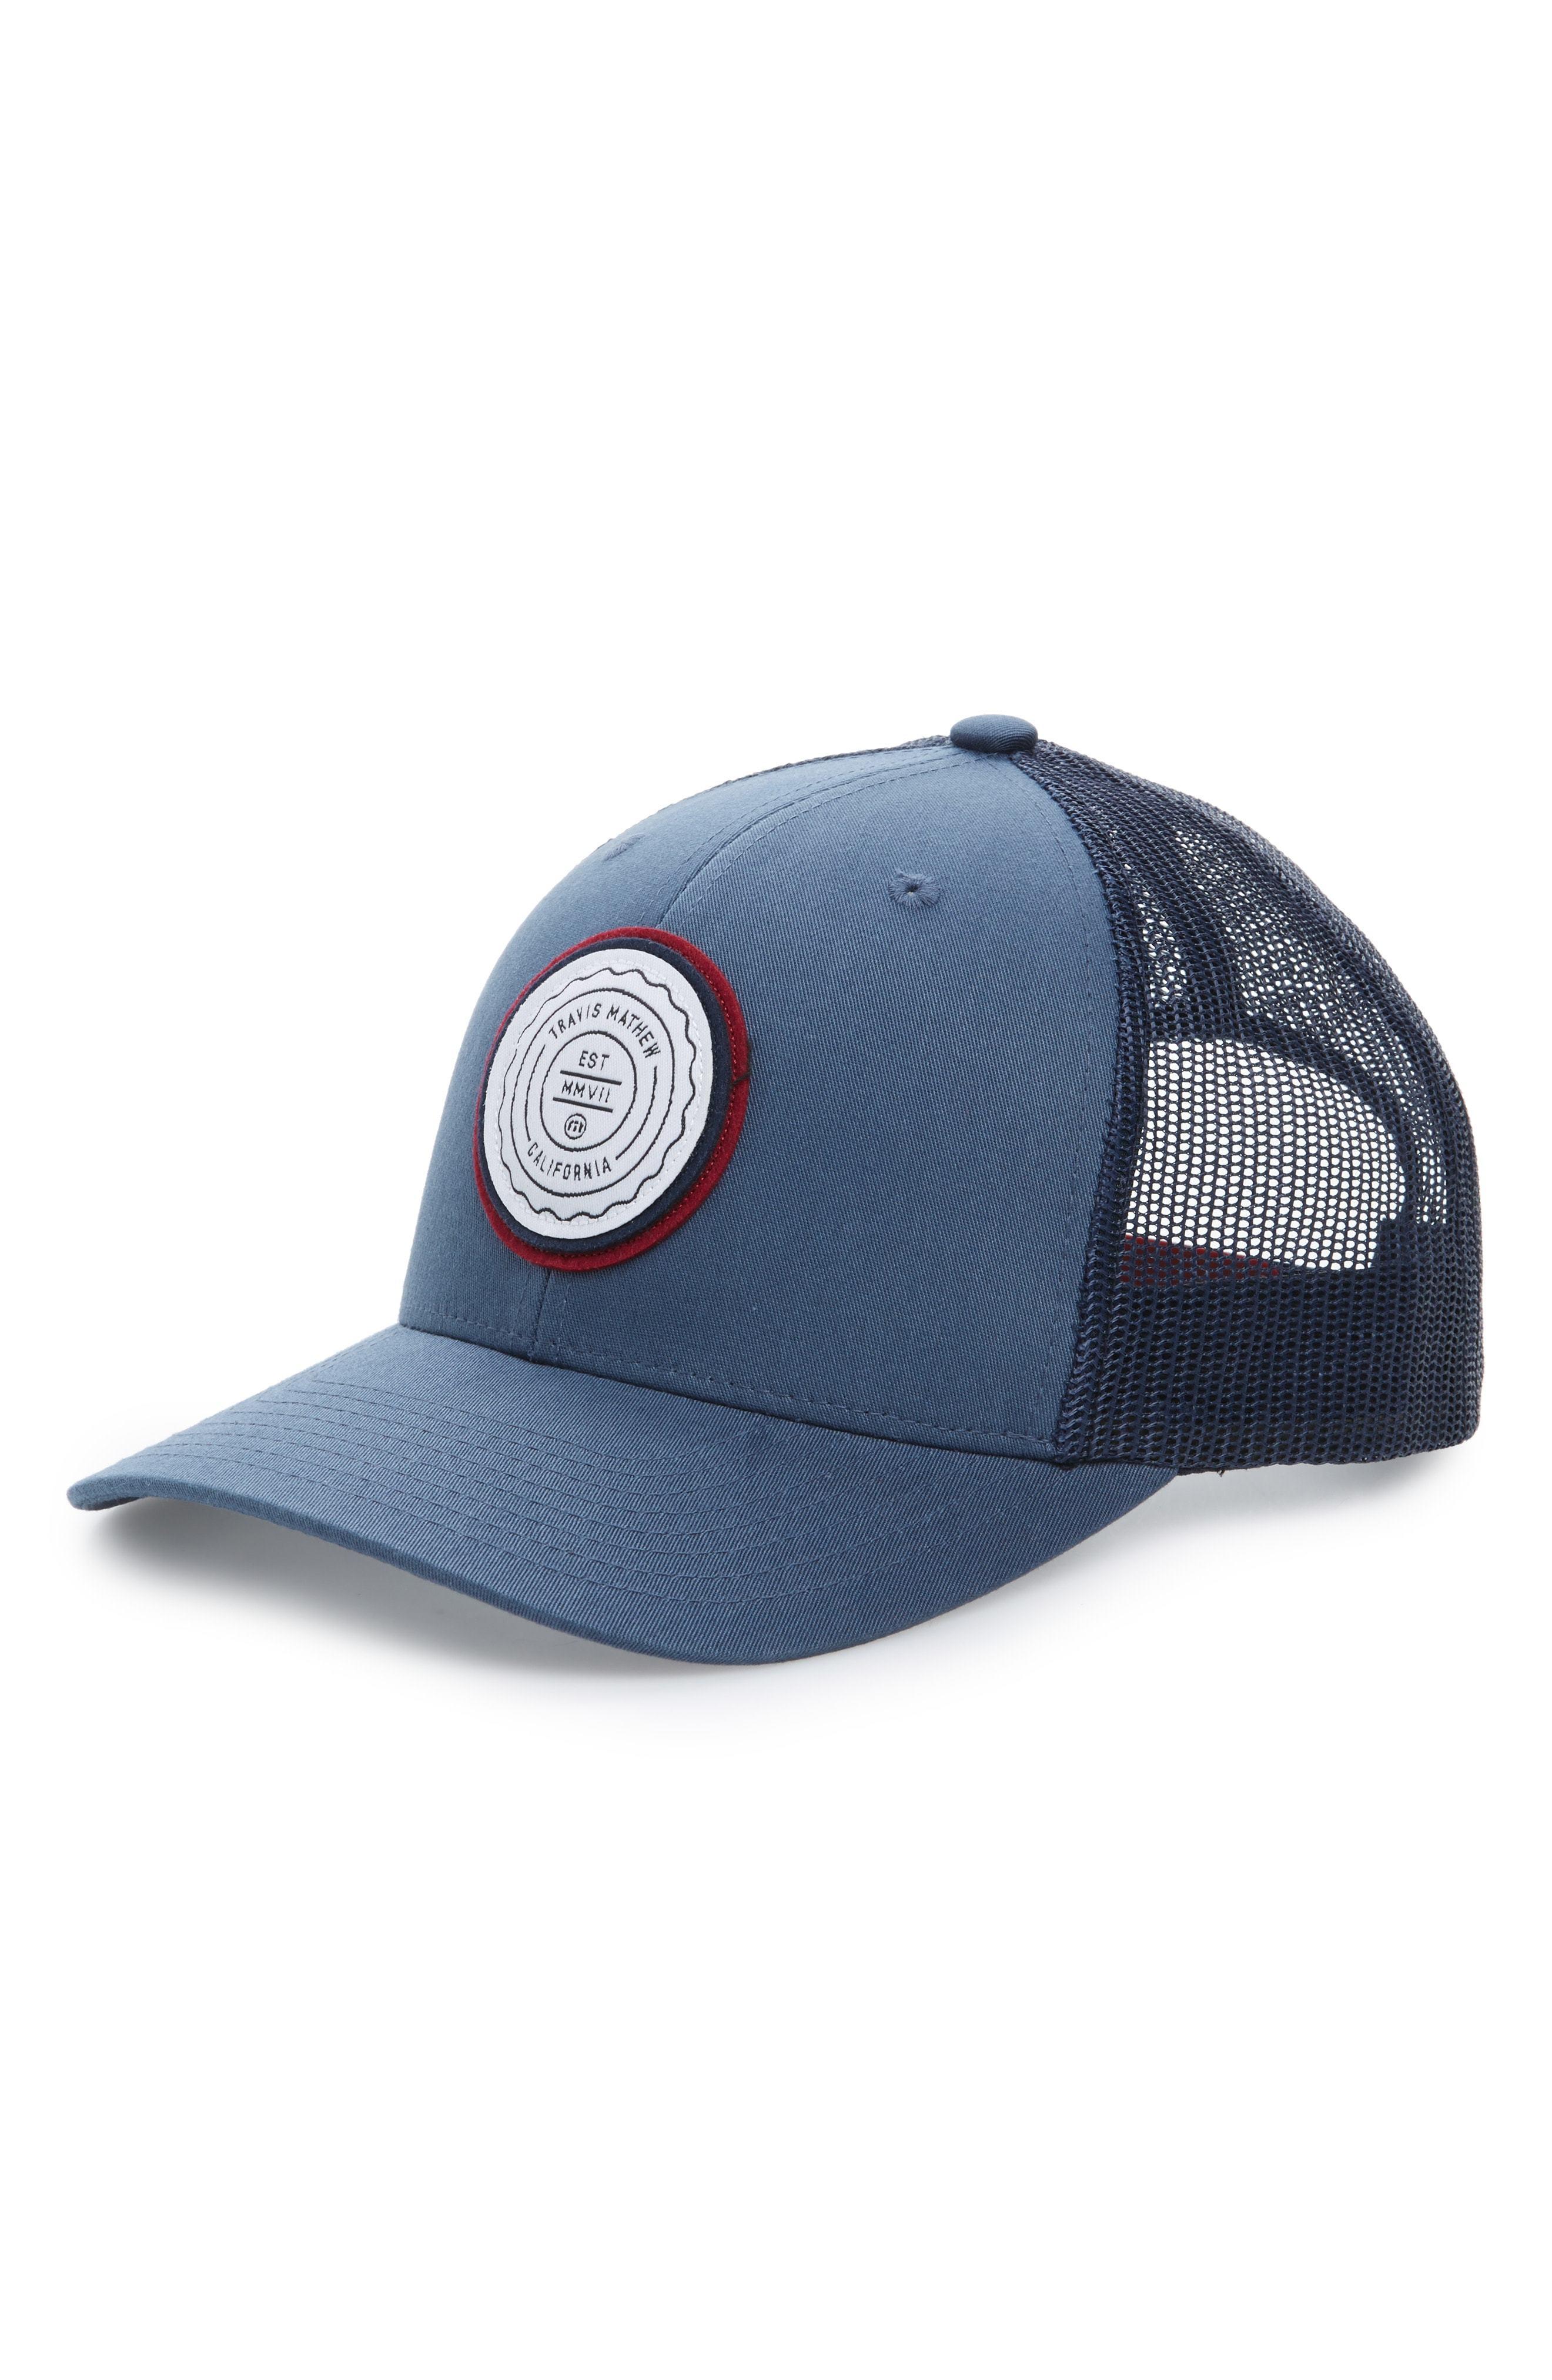 3541e065 Travis Mathew Trip L Trucker Hat, $29 | Nordstrom | Lookastic.com